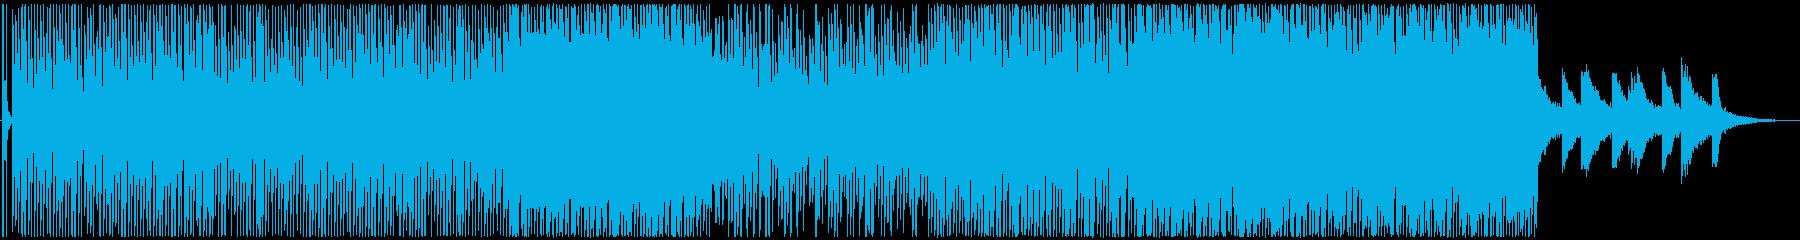 人気のある電子機器 R&B 広い ...の再生済みの波形